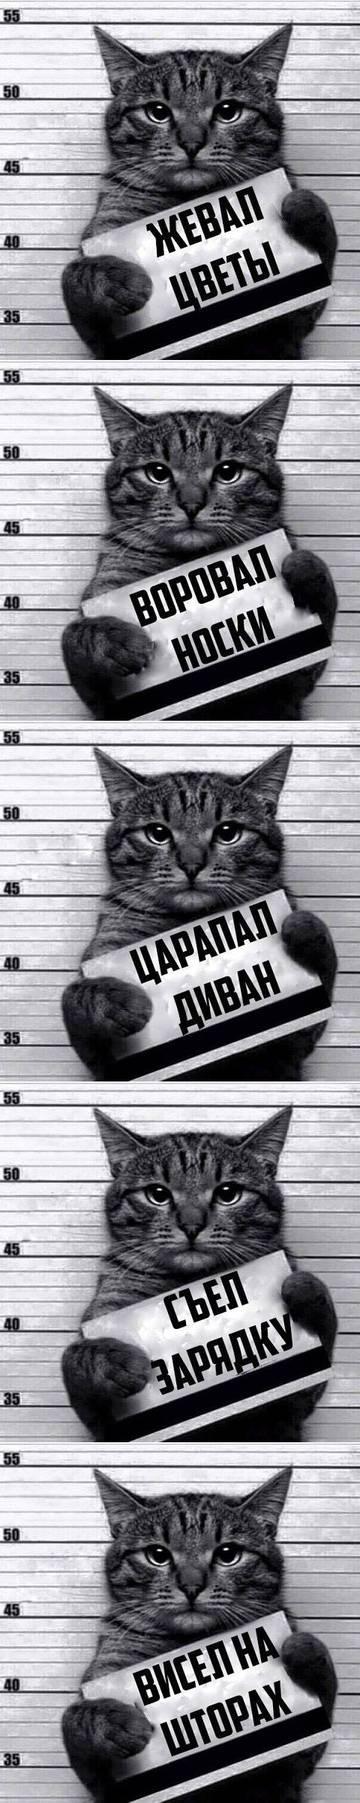 http://s7.uploads.ru/t/jMfxa.jpg